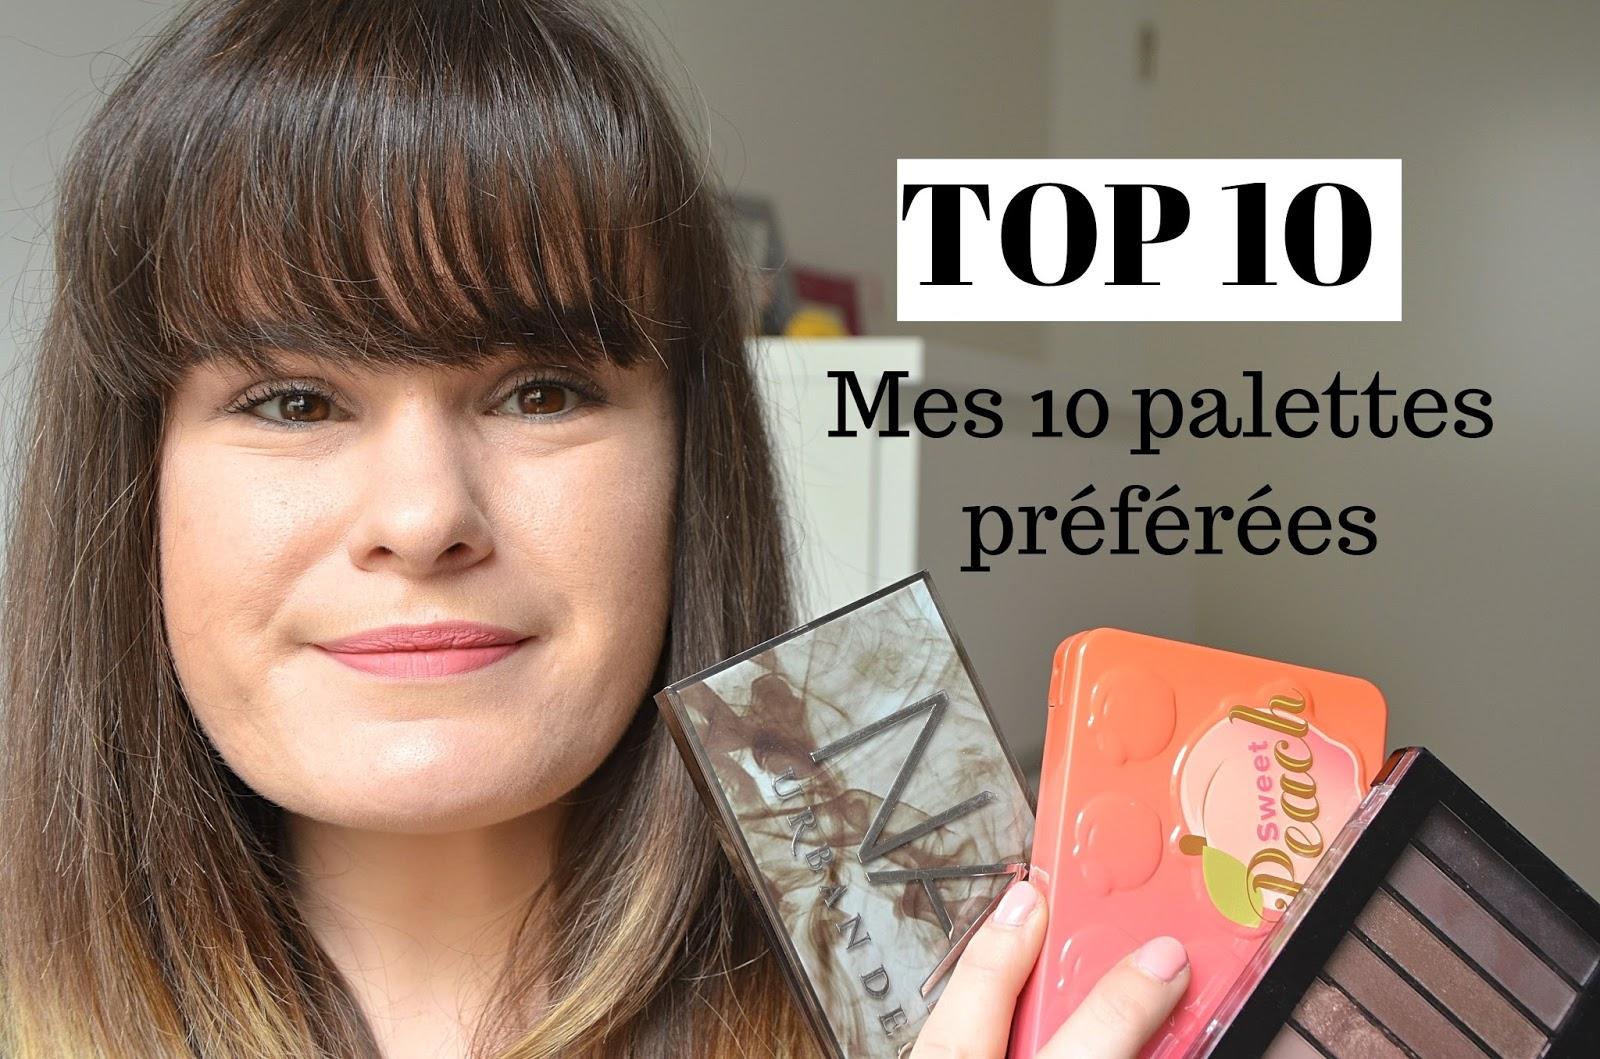 TOP 10 des palettes de fards à paupières itsstelicious blogueuse et youtubeuse beauté depuis 2015 à Toulouse